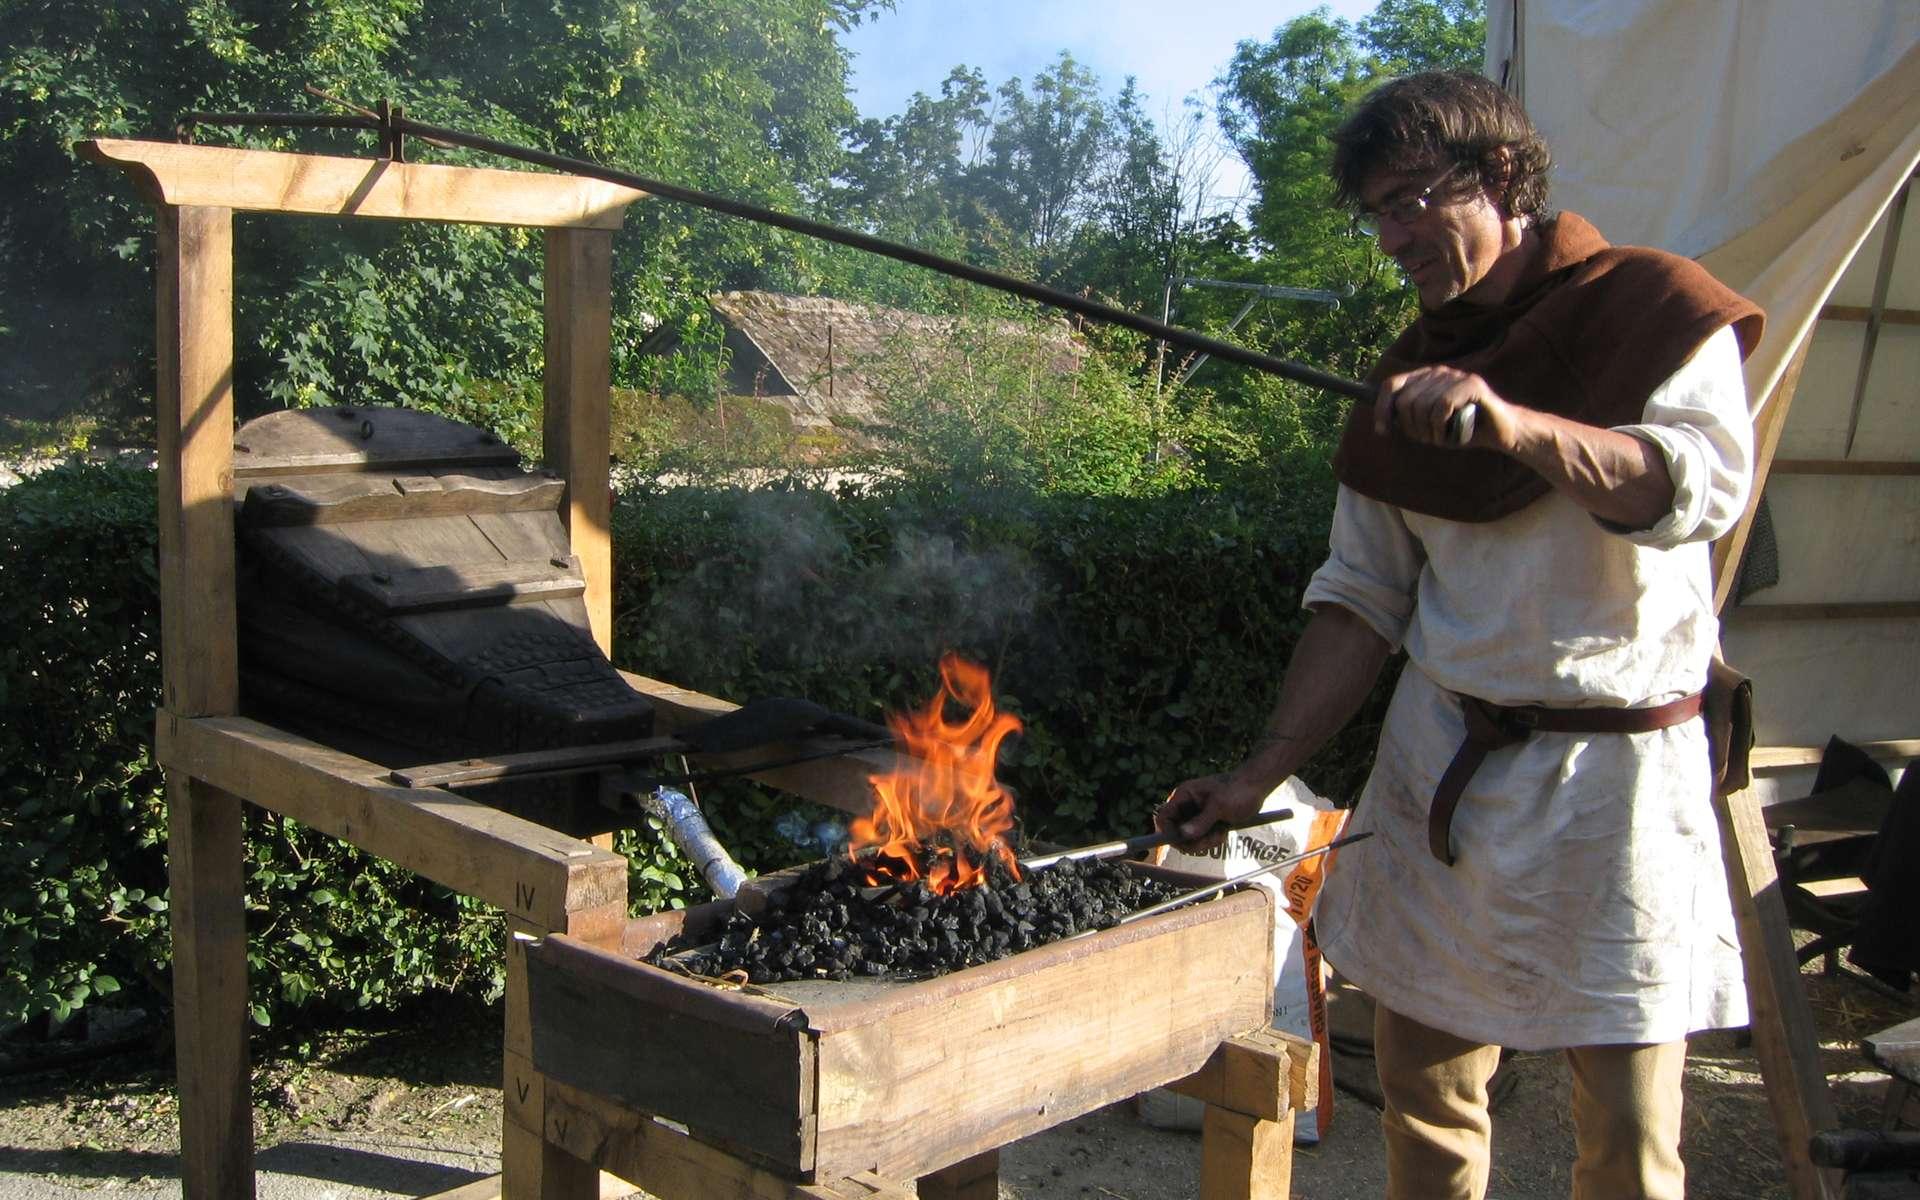 L'artisanat au Moyen Âge reste très mal perçu par le clergé. © Thesupermat, Wikimedia Commons, CC by-sa 3.0